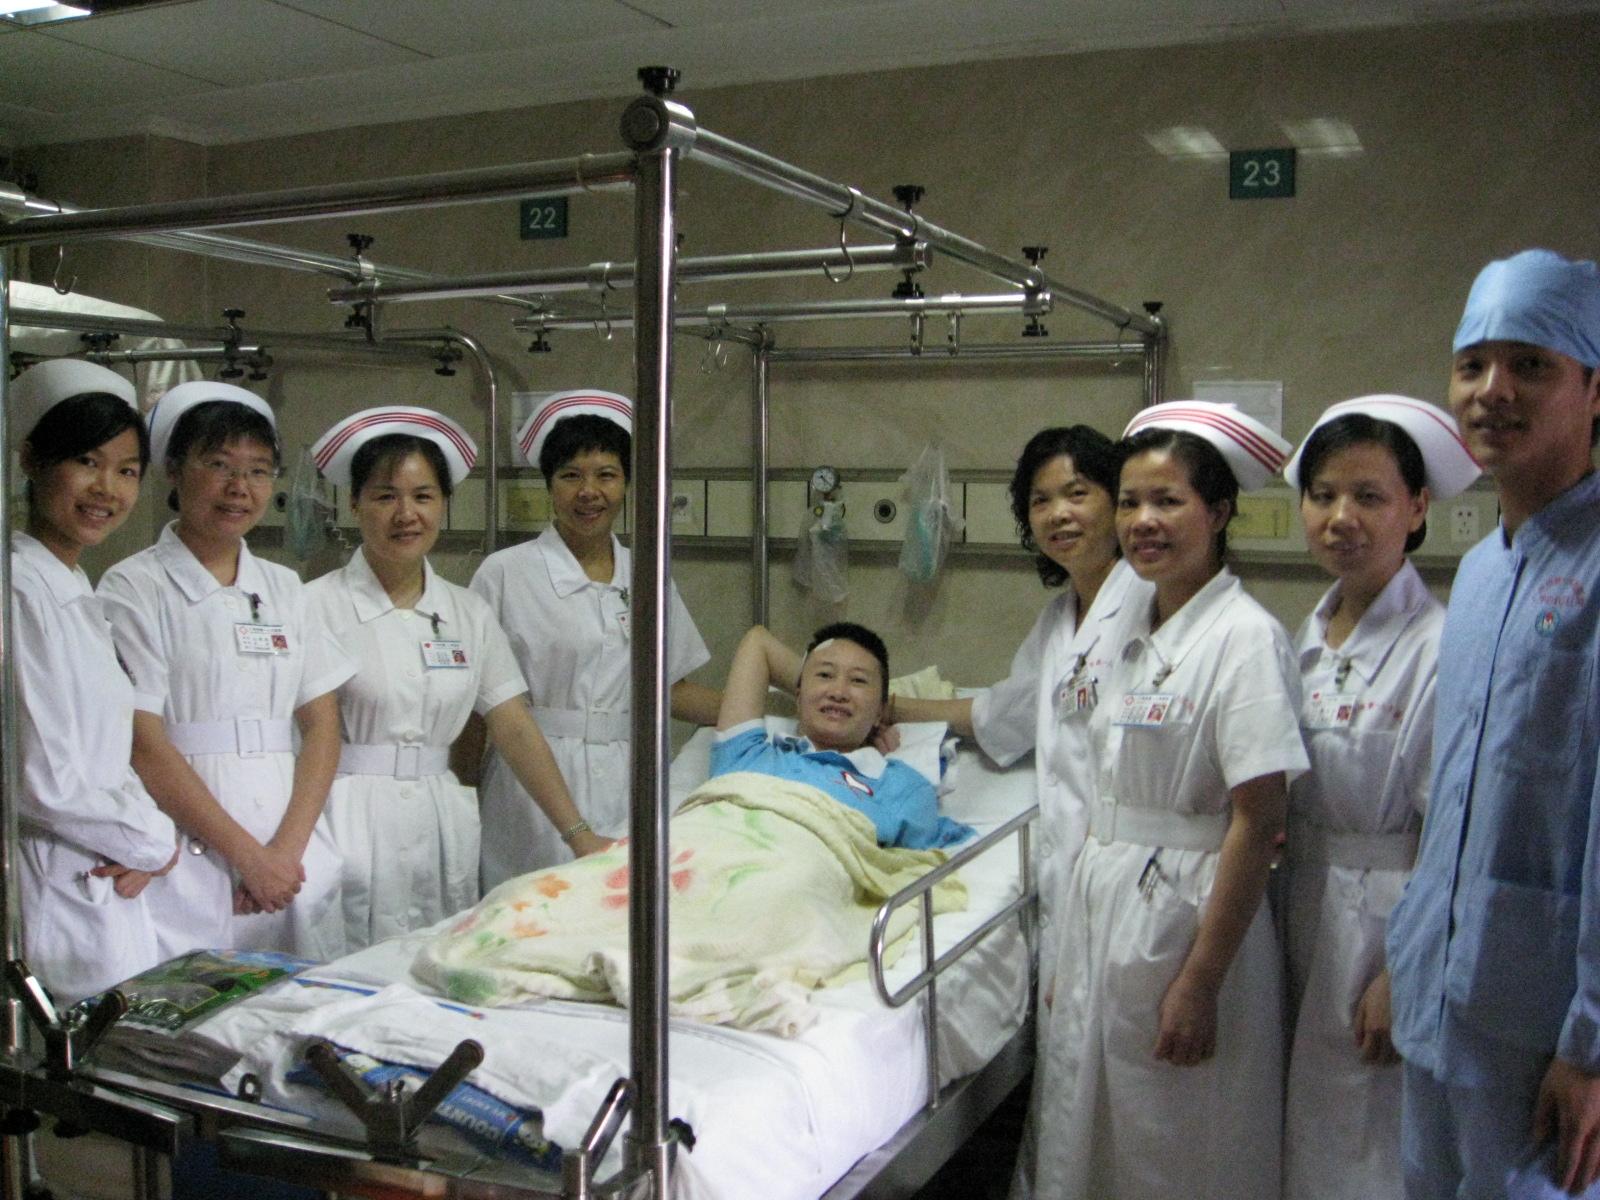 黄莉和救助她的医护人员在一起.JPG